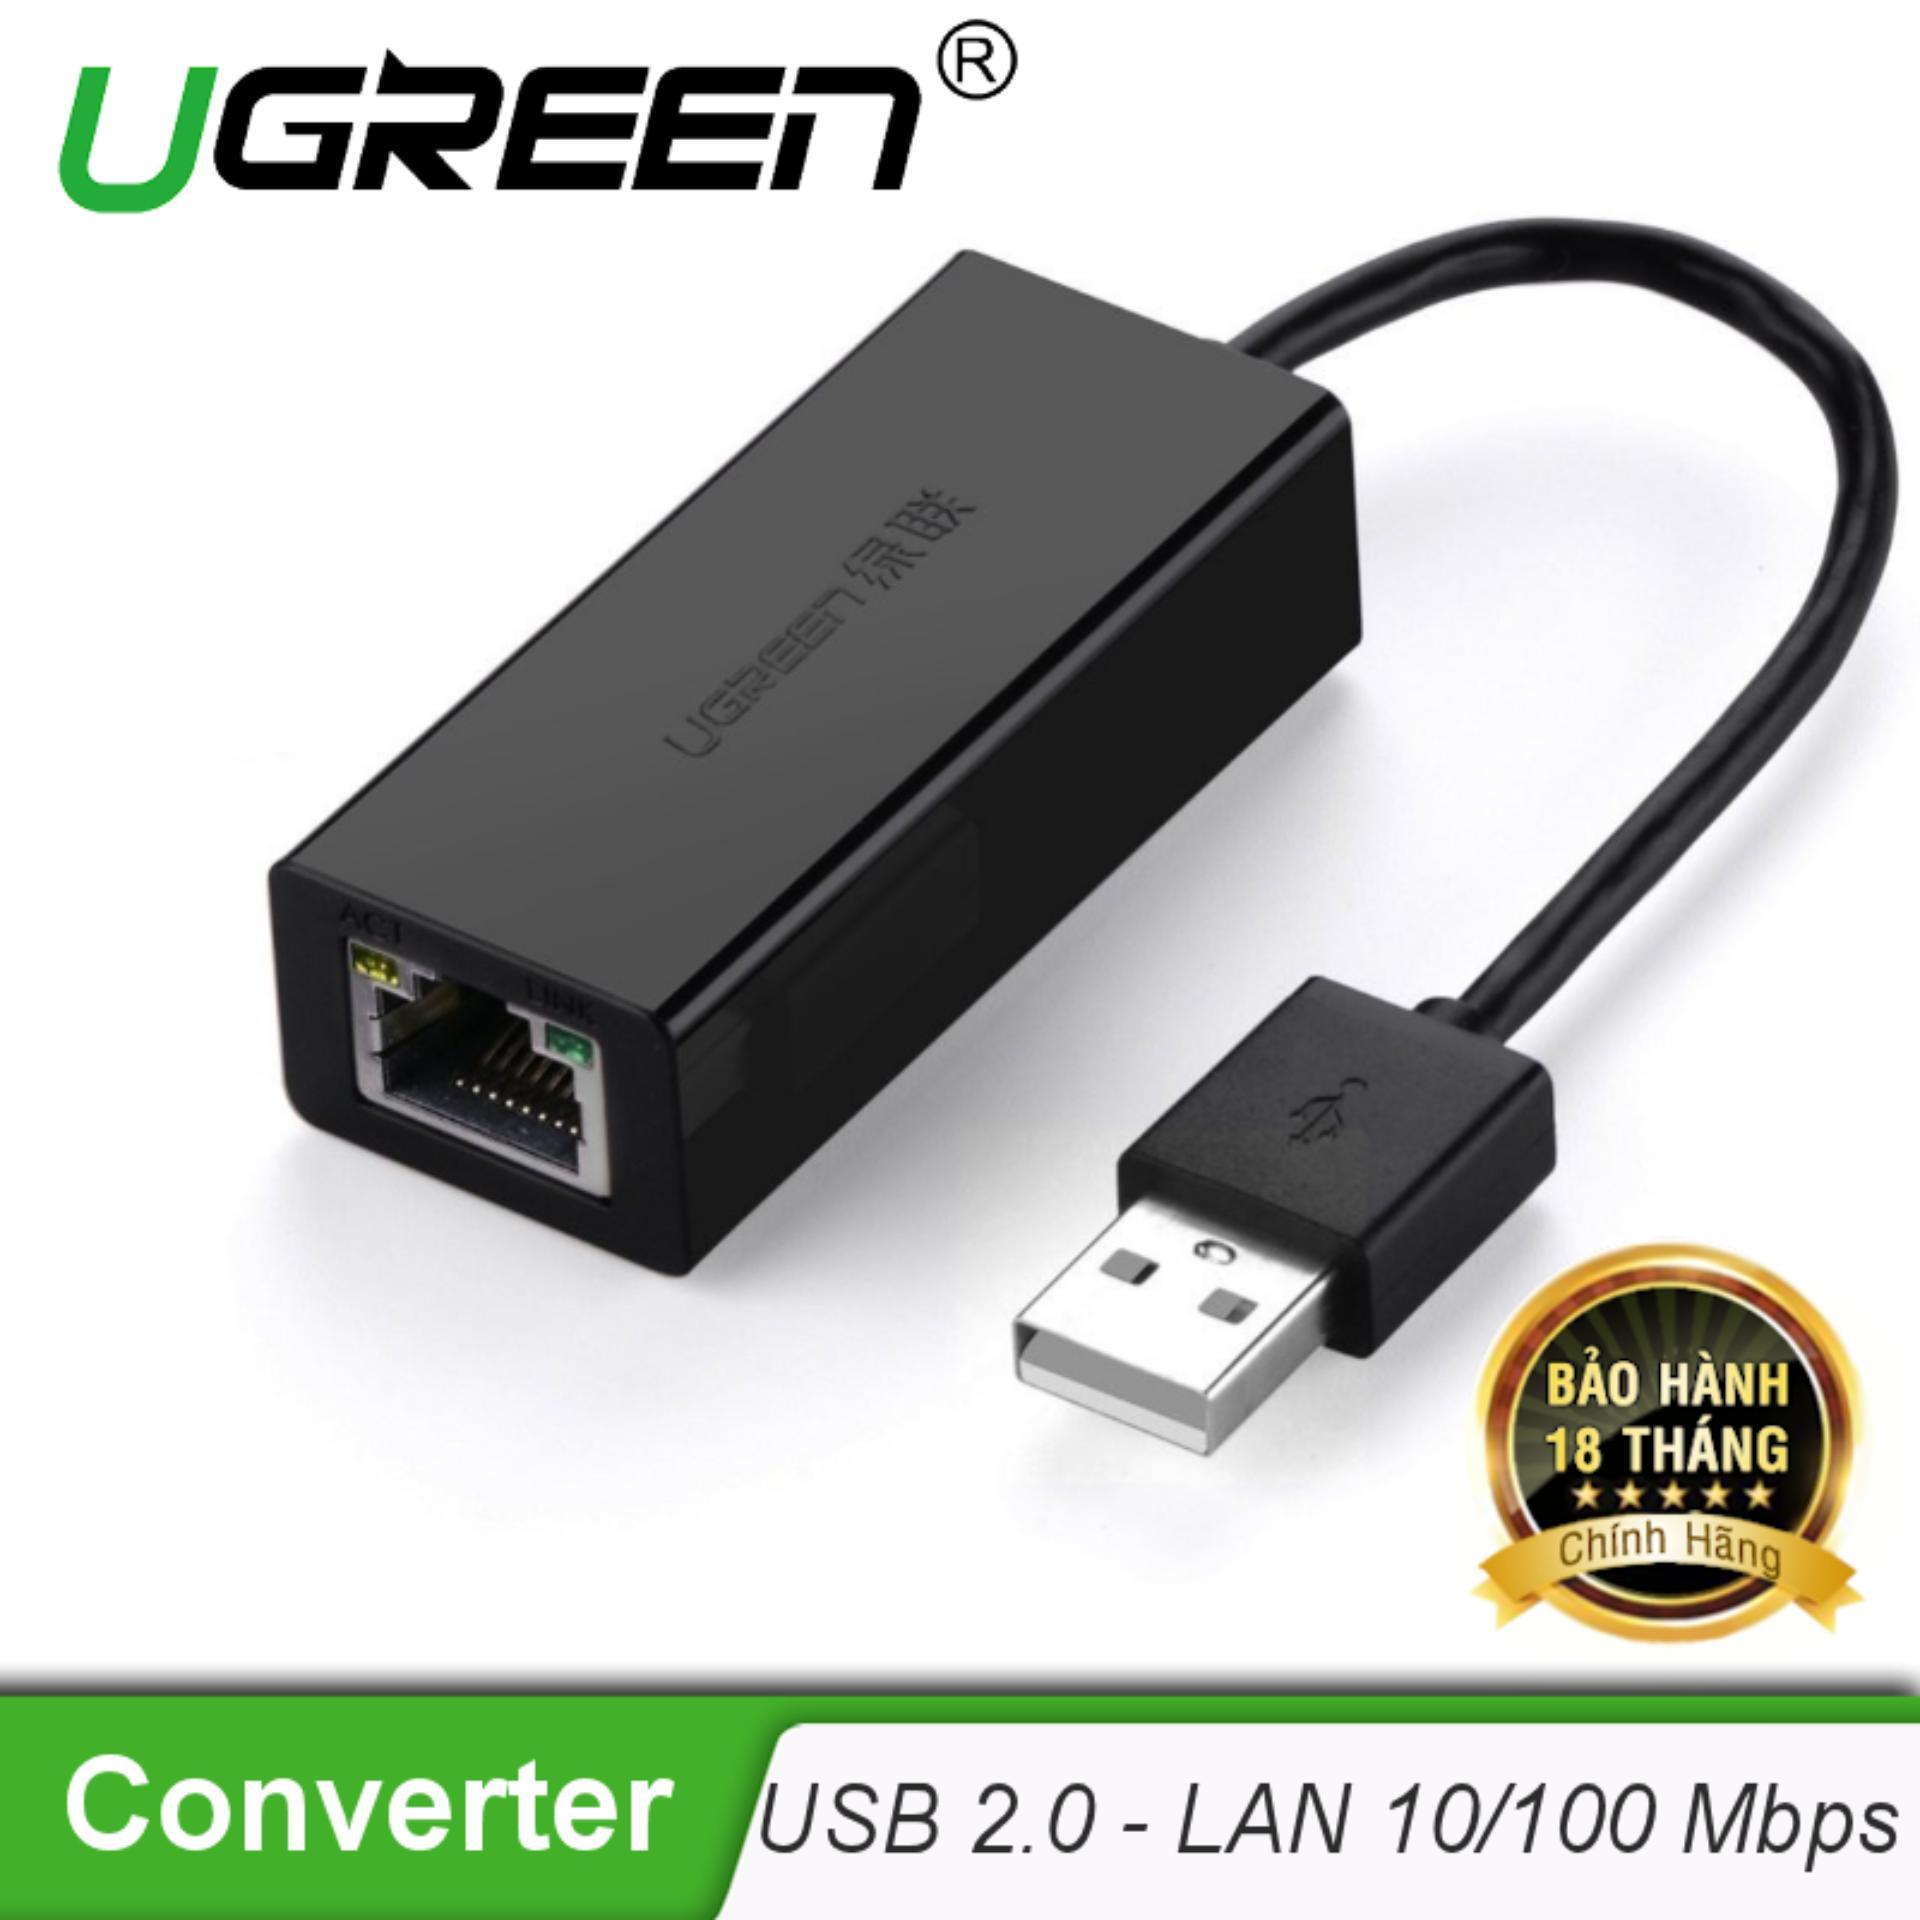 Bộ chuyển đổi USB 2.0 sang LAN 10/100 Mbps CR110 20254 – Hãng phân phối chính thức